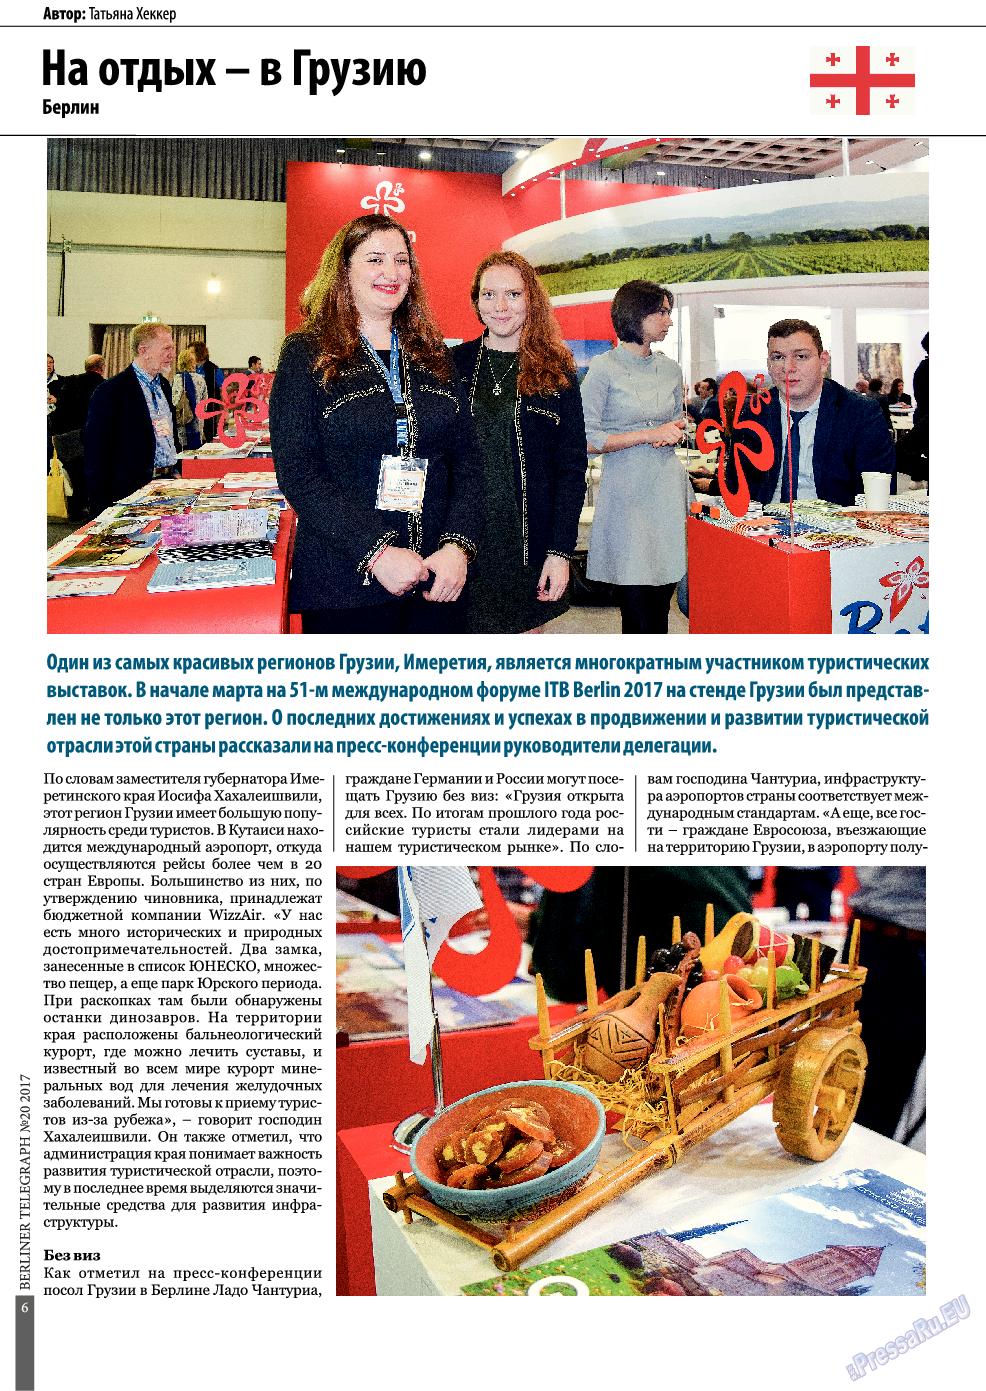 Берлинский телеграф (журнал). 2017 год, номер 20, стр. 6